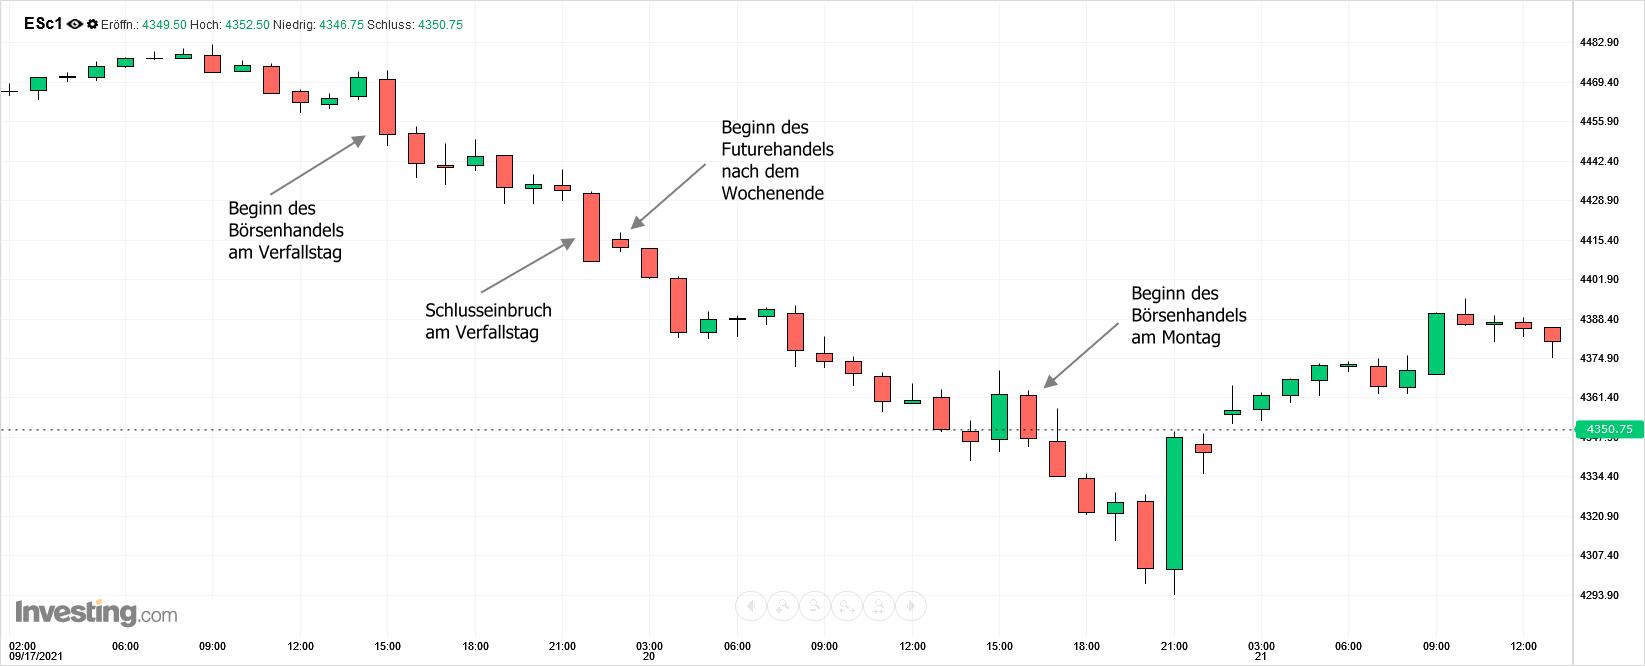 S&P 500 E-mini Future Intraday-Chart